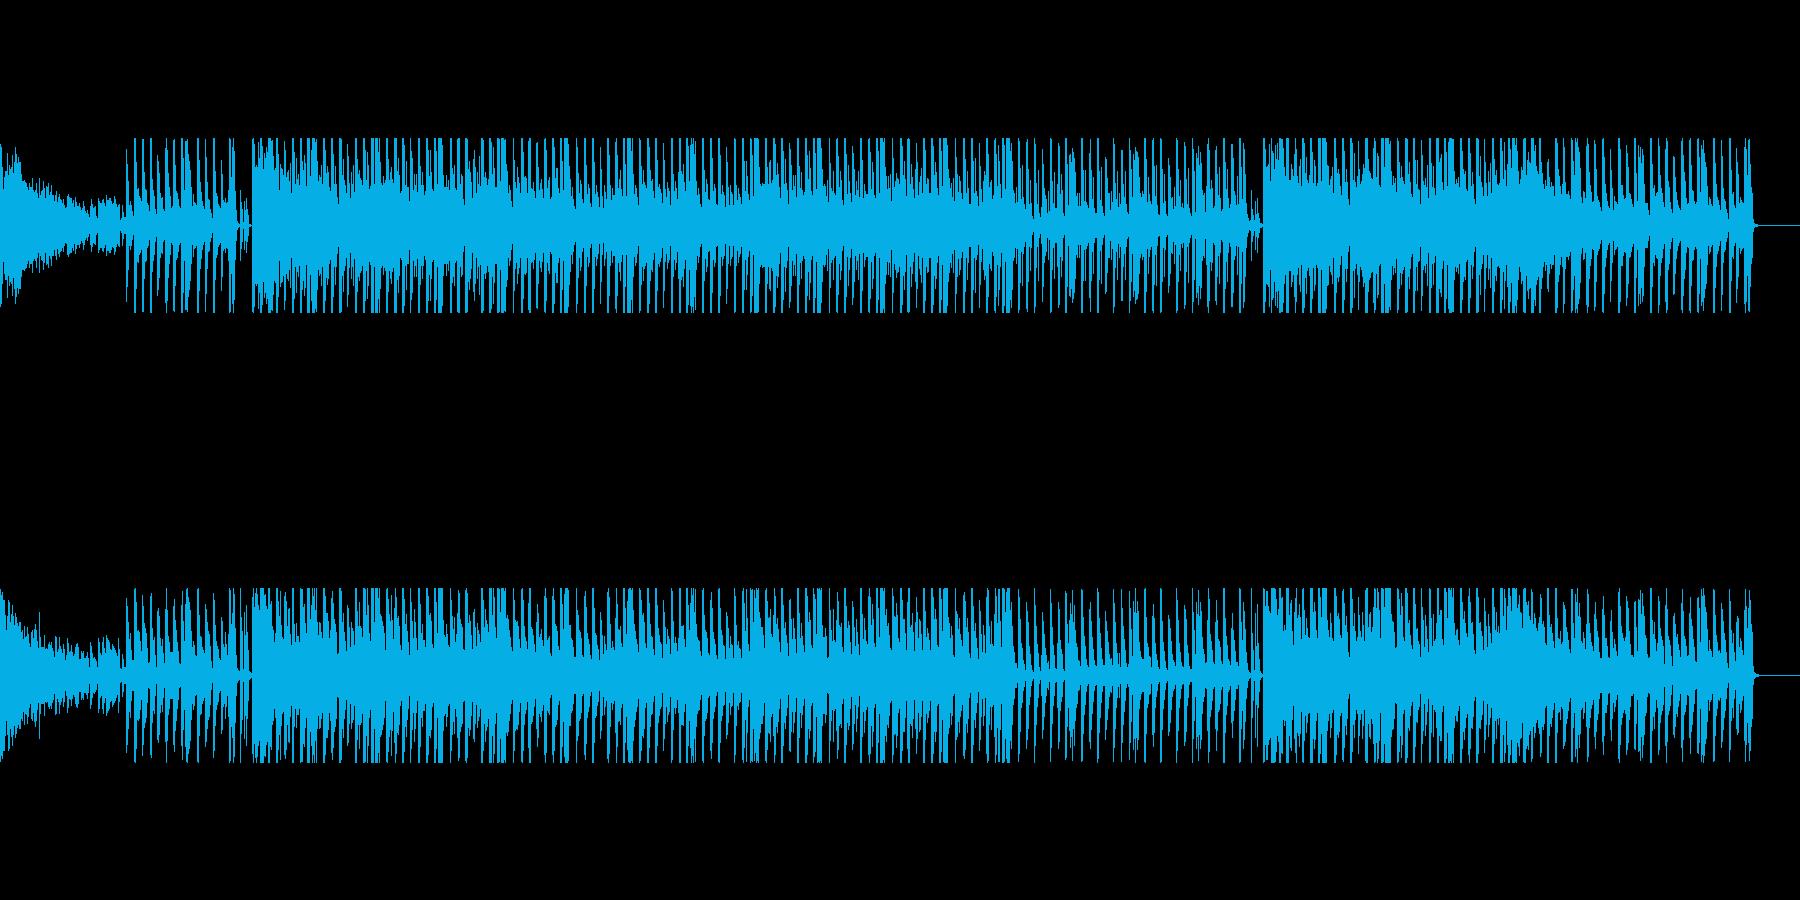 【パターン2】明るく元気なテクノポップの再生済みの波形